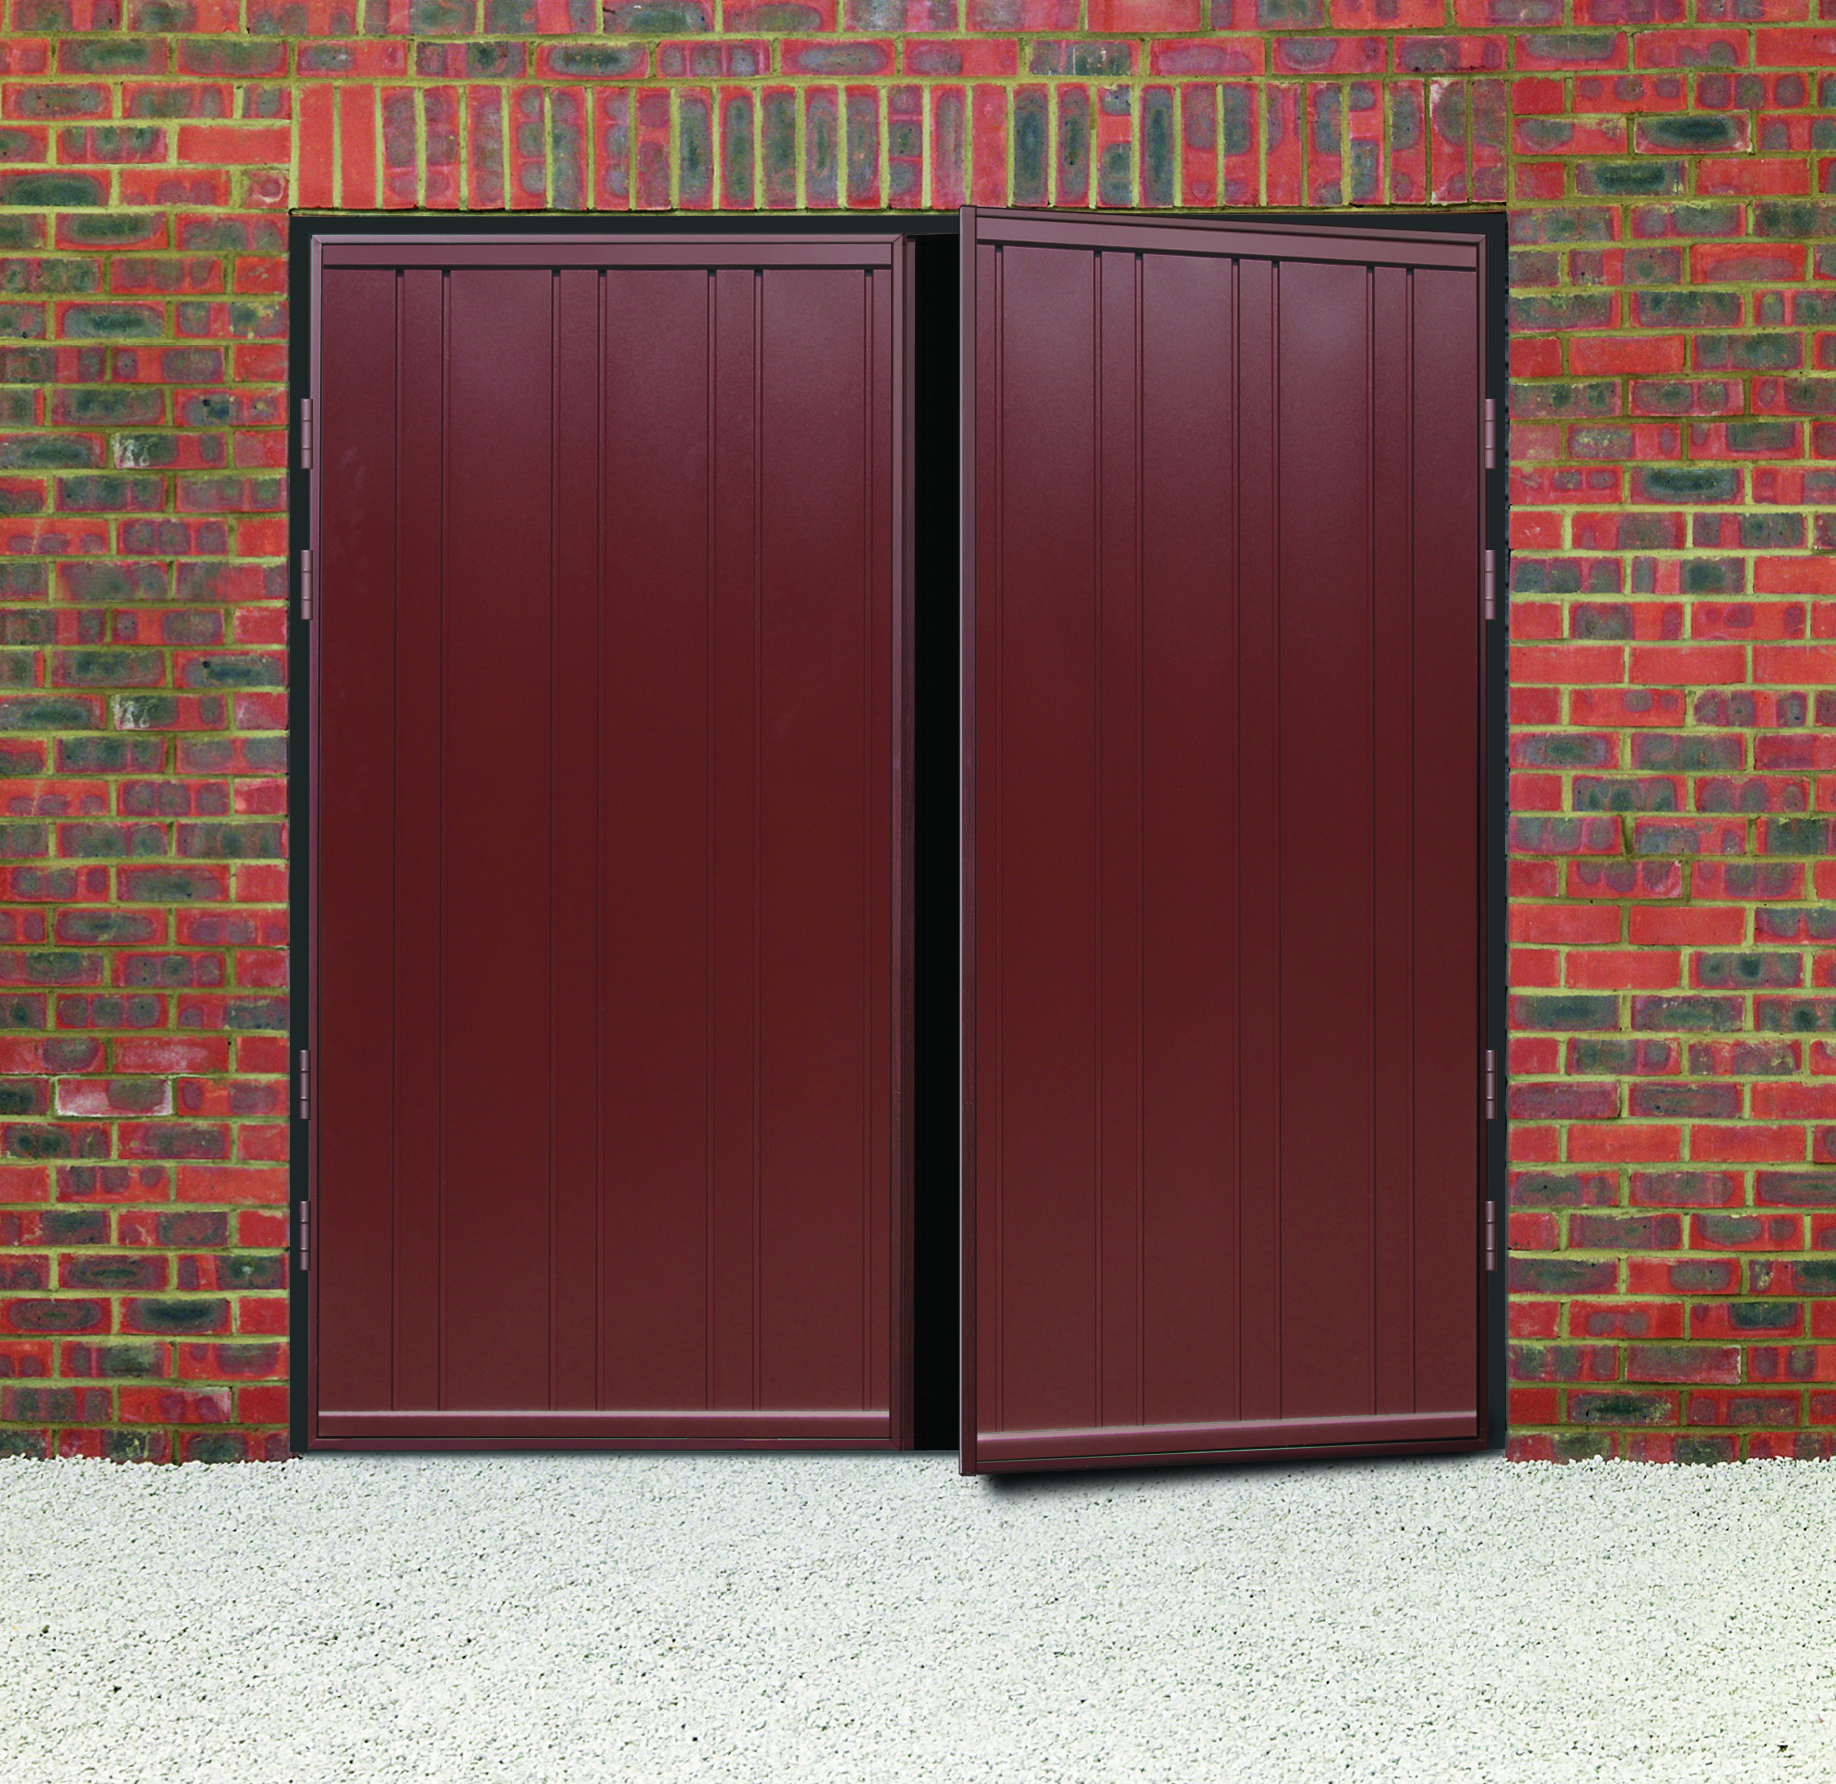 1784 #934538  Cardale Garage Doors Cardale Garage Door Repairs Garage Doors  picture/photo Garage Doors Suppliers 36991836